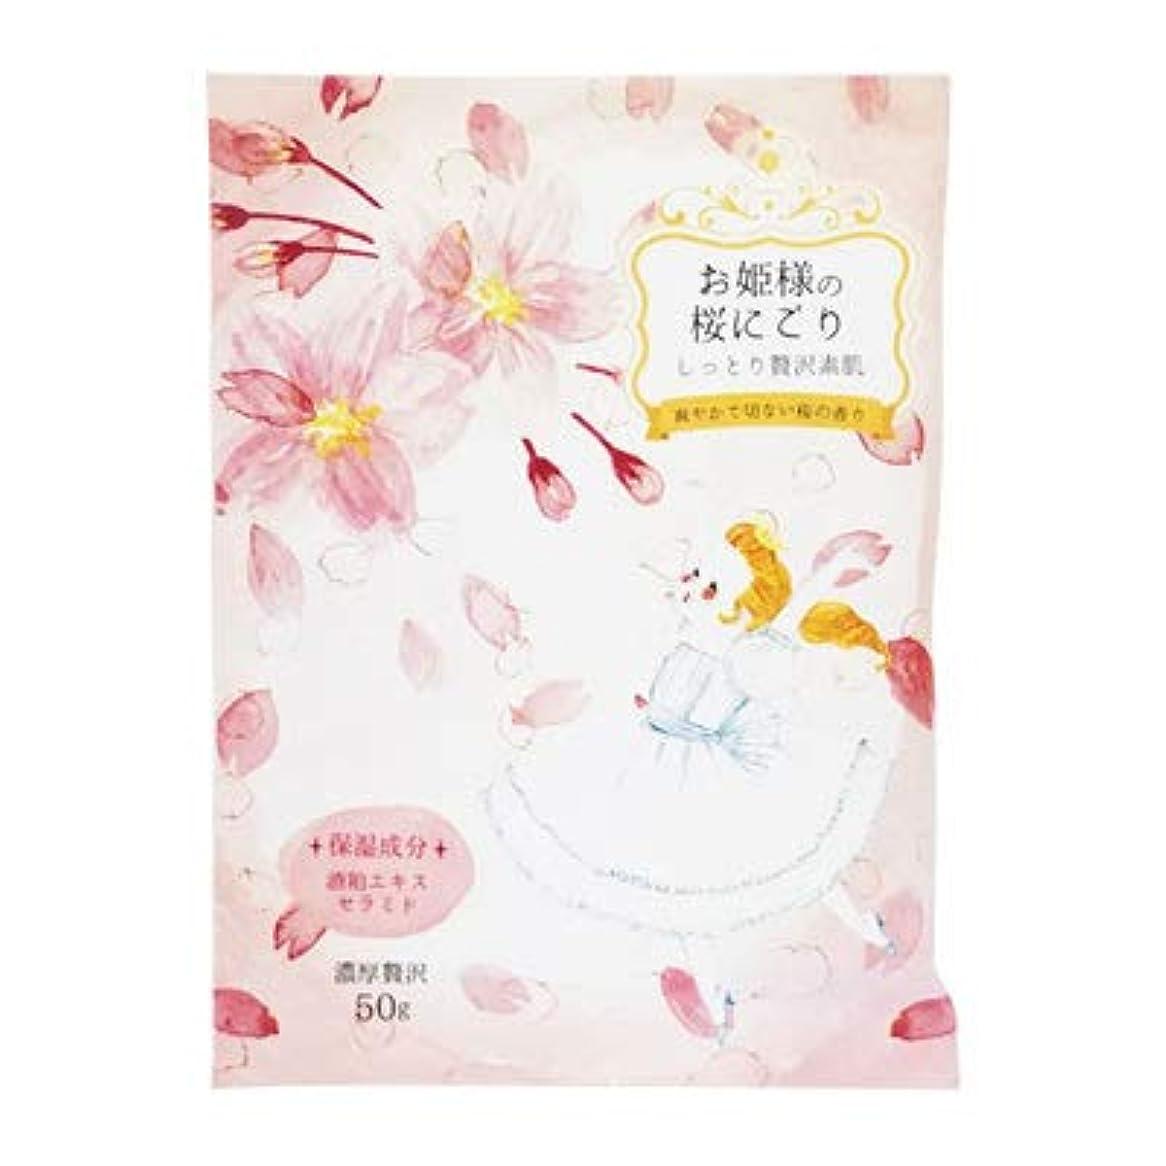 【まとめ買い6個セット】 お姫様風呂 桜にごり